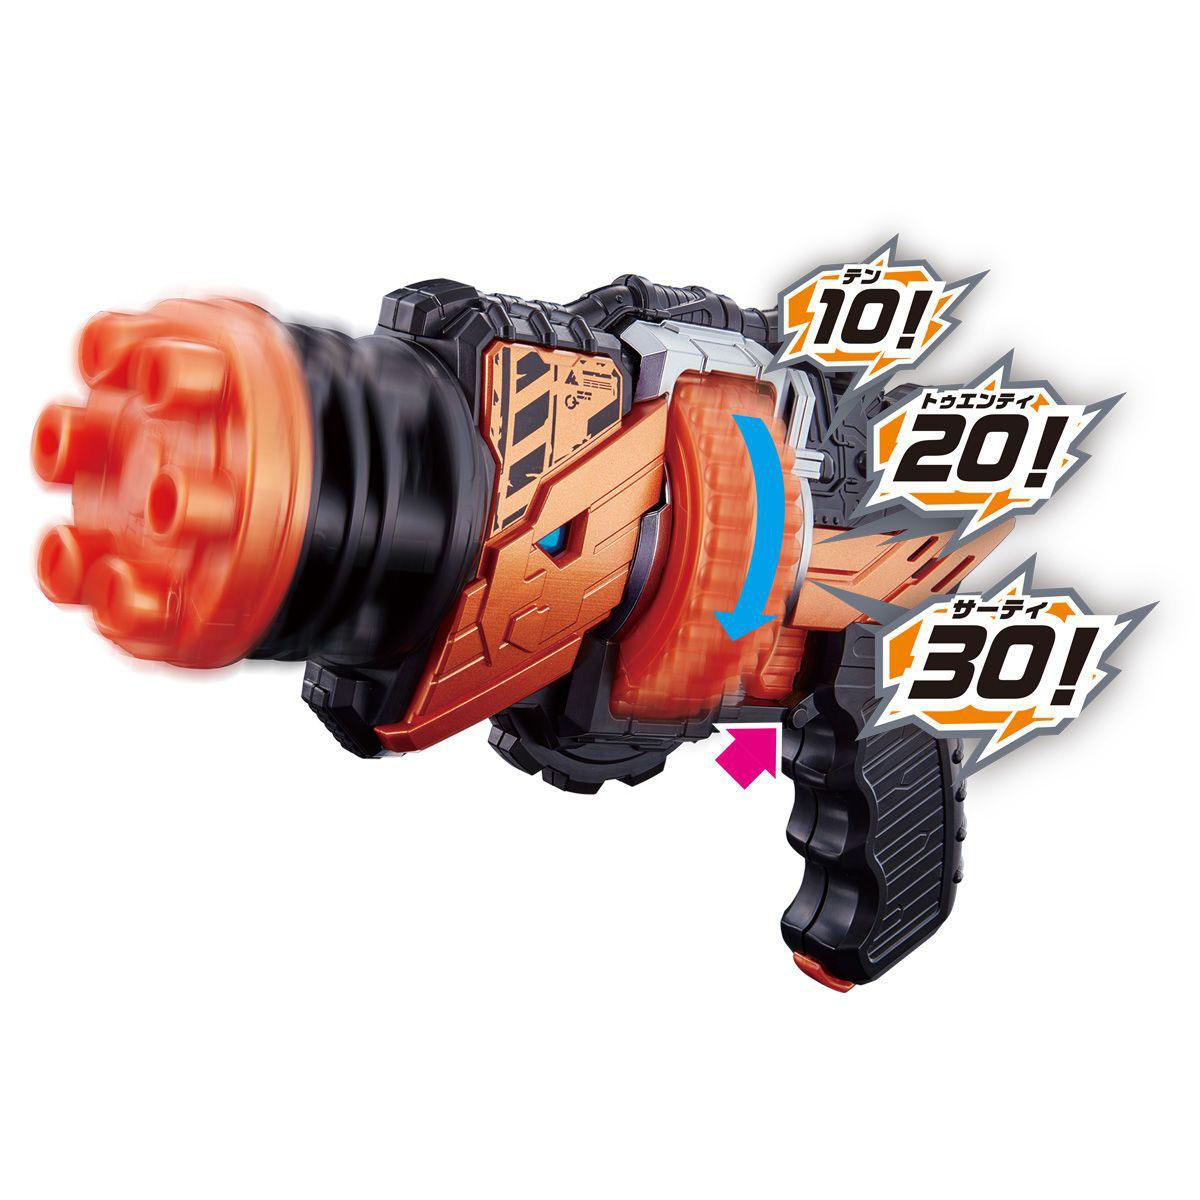 仮面ライダービルド 百発連射 DXホークガトリンガー-004